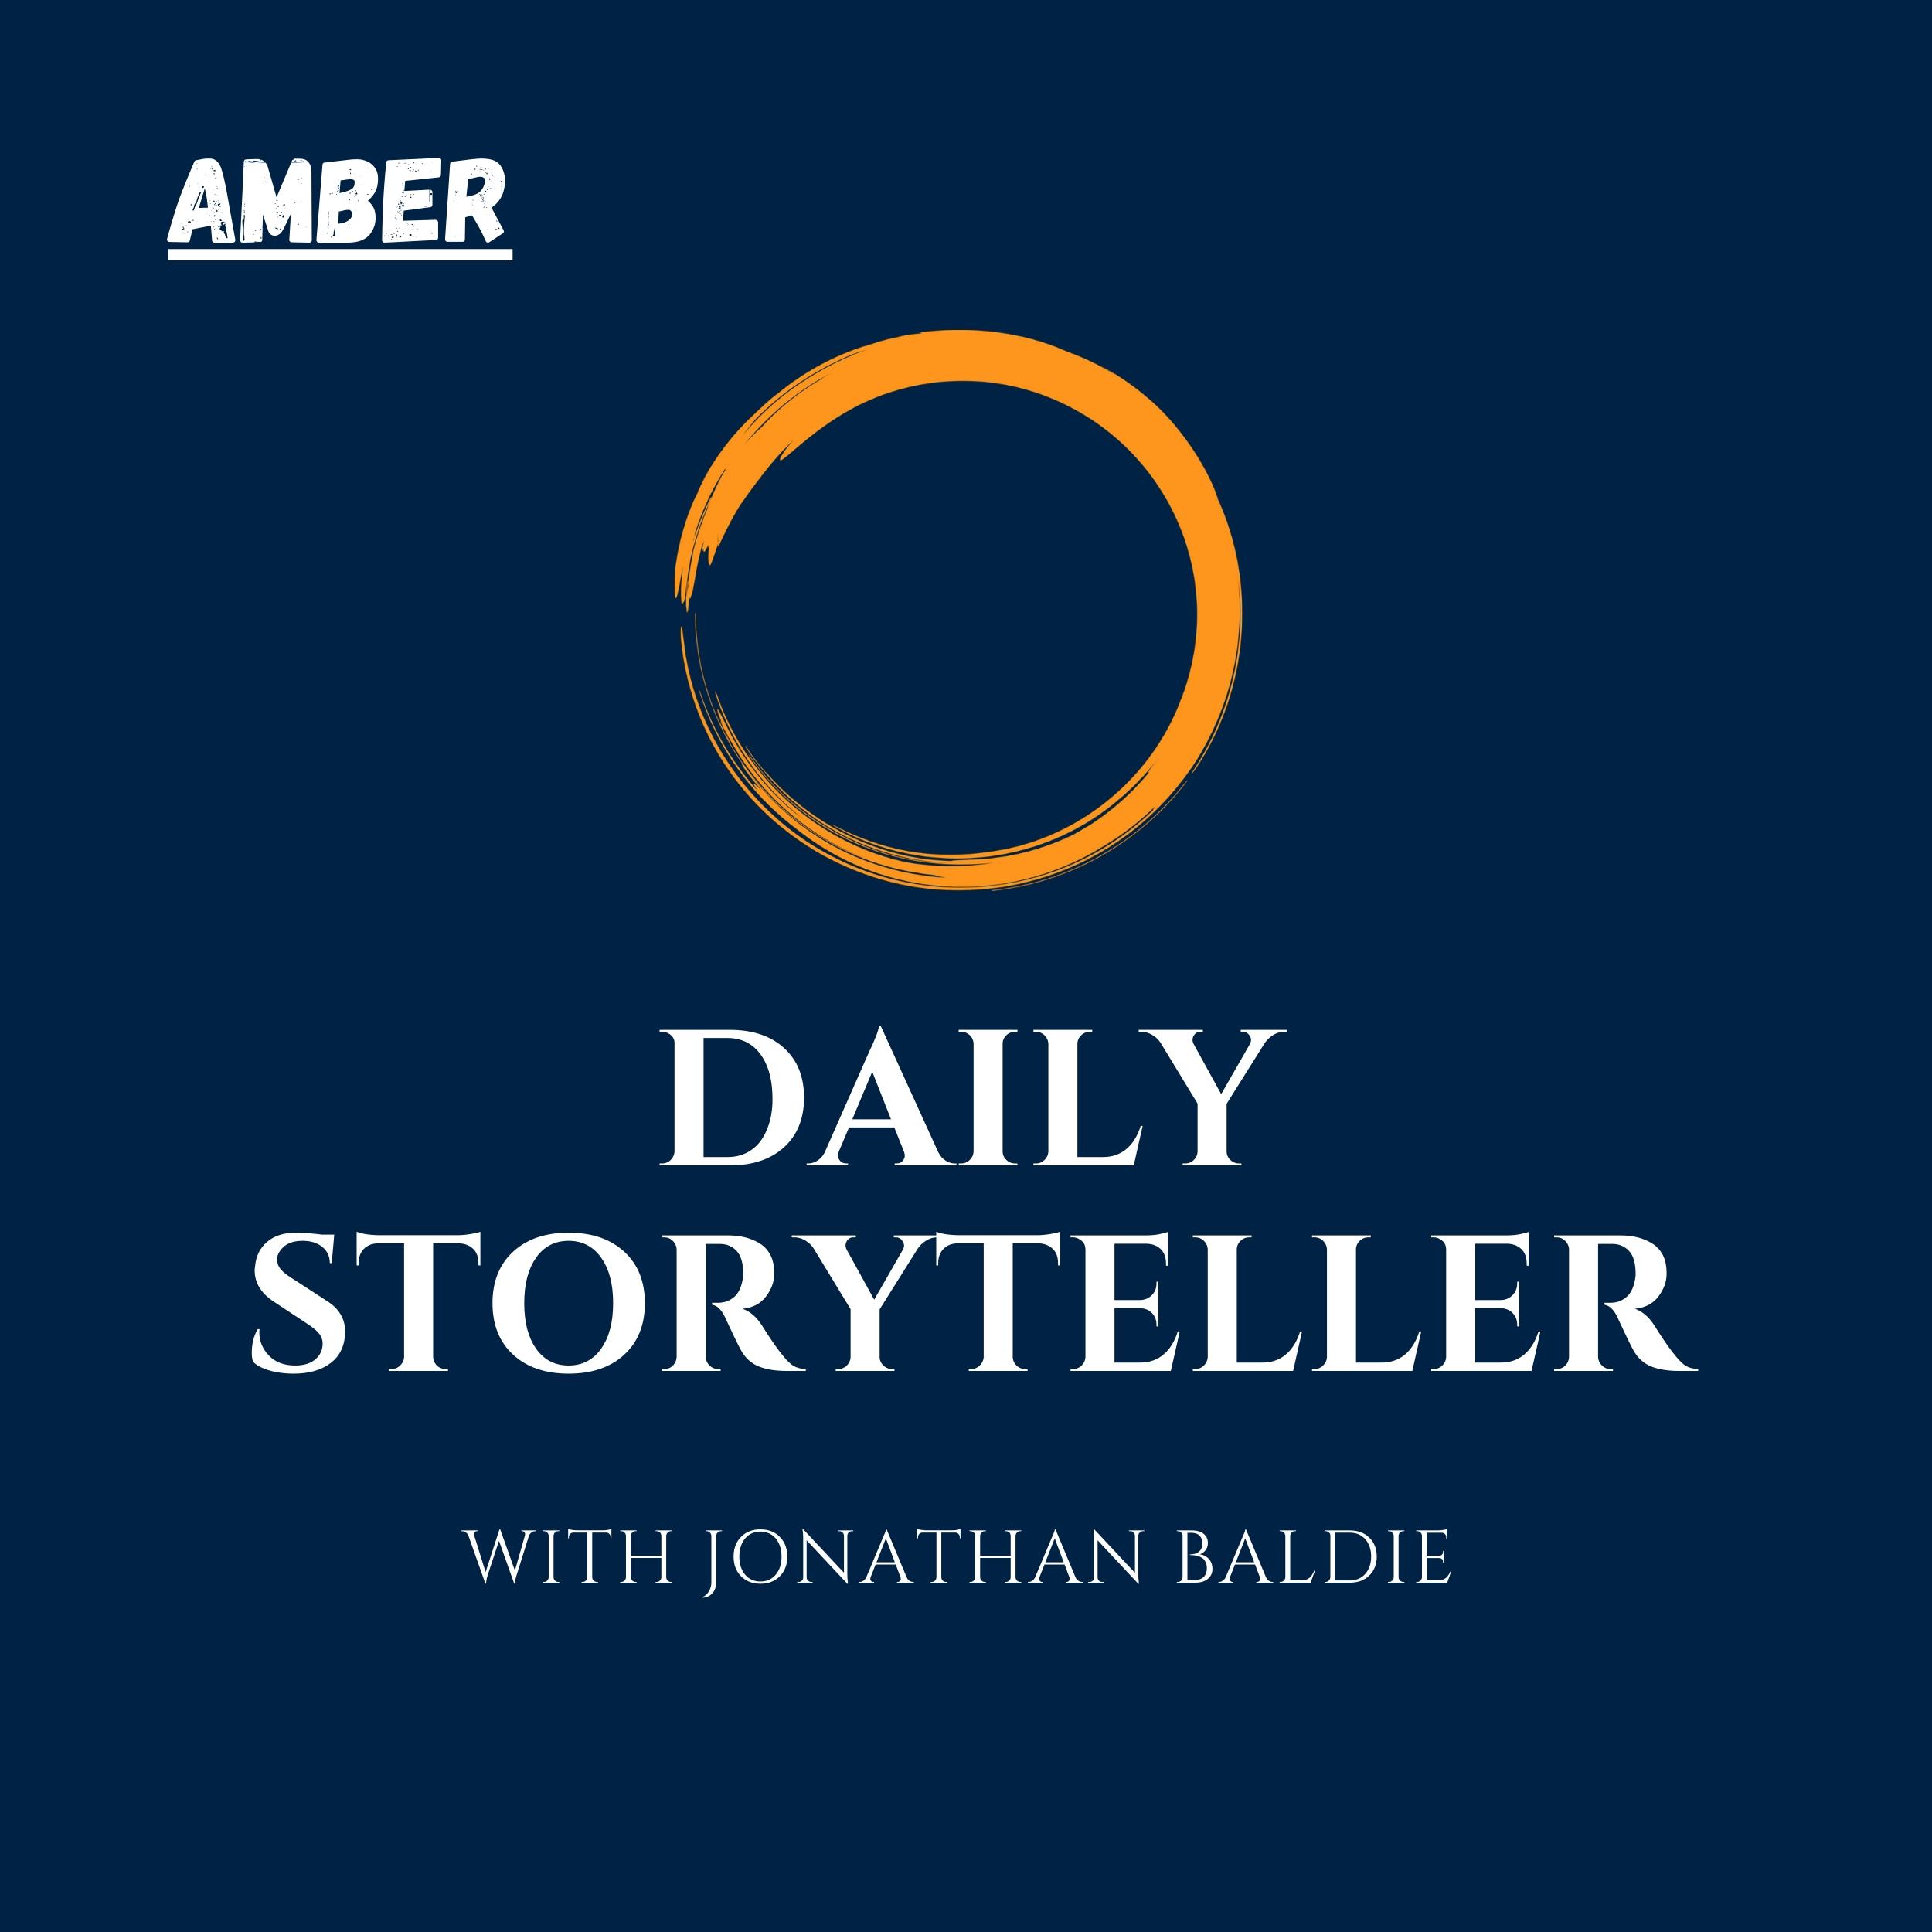 Daily Storyteller logo